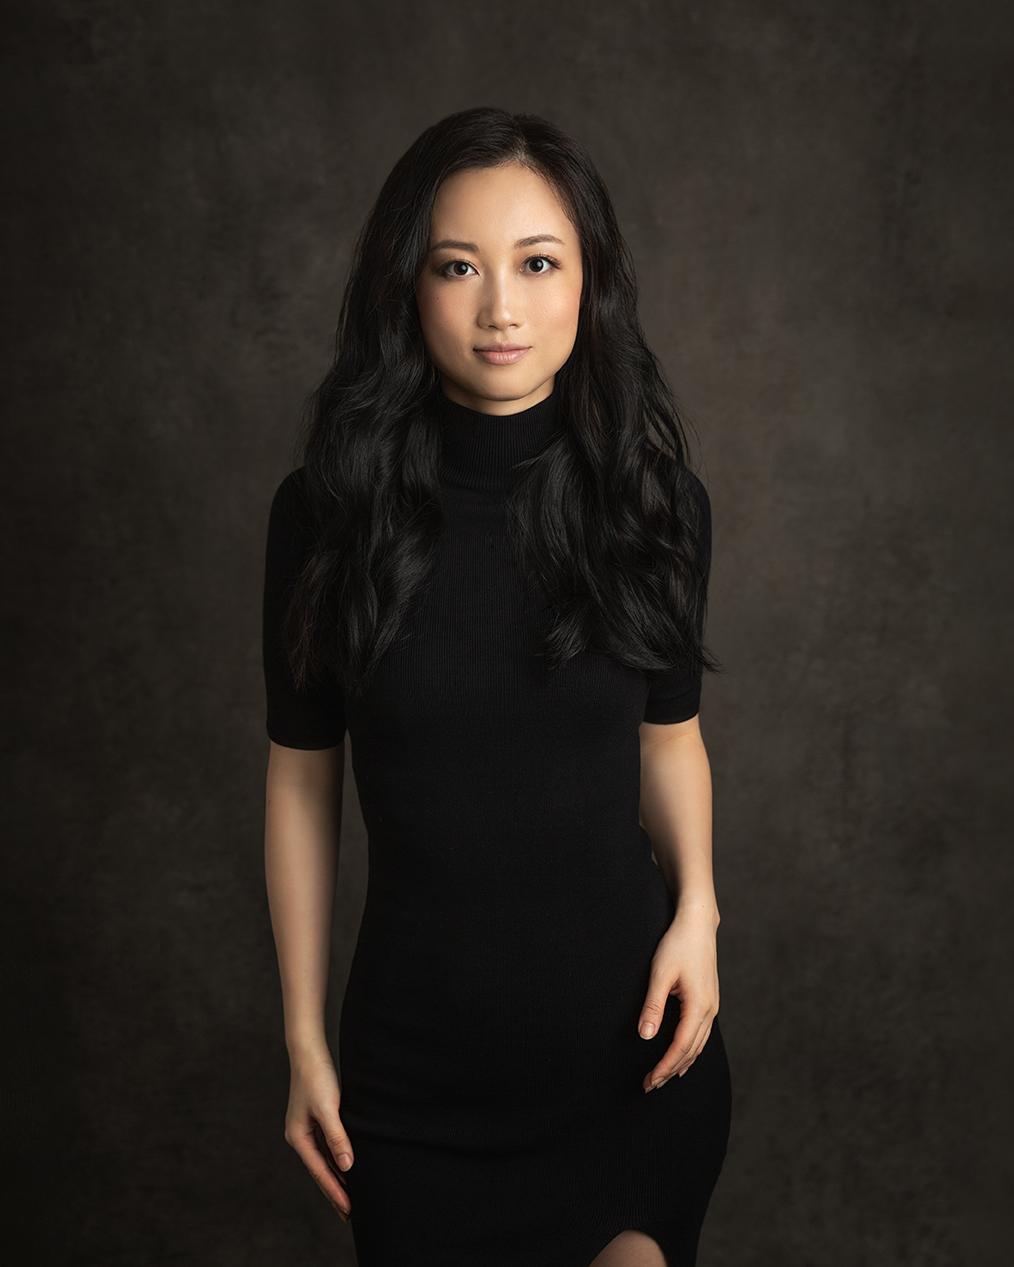 Xiaoyun Photography